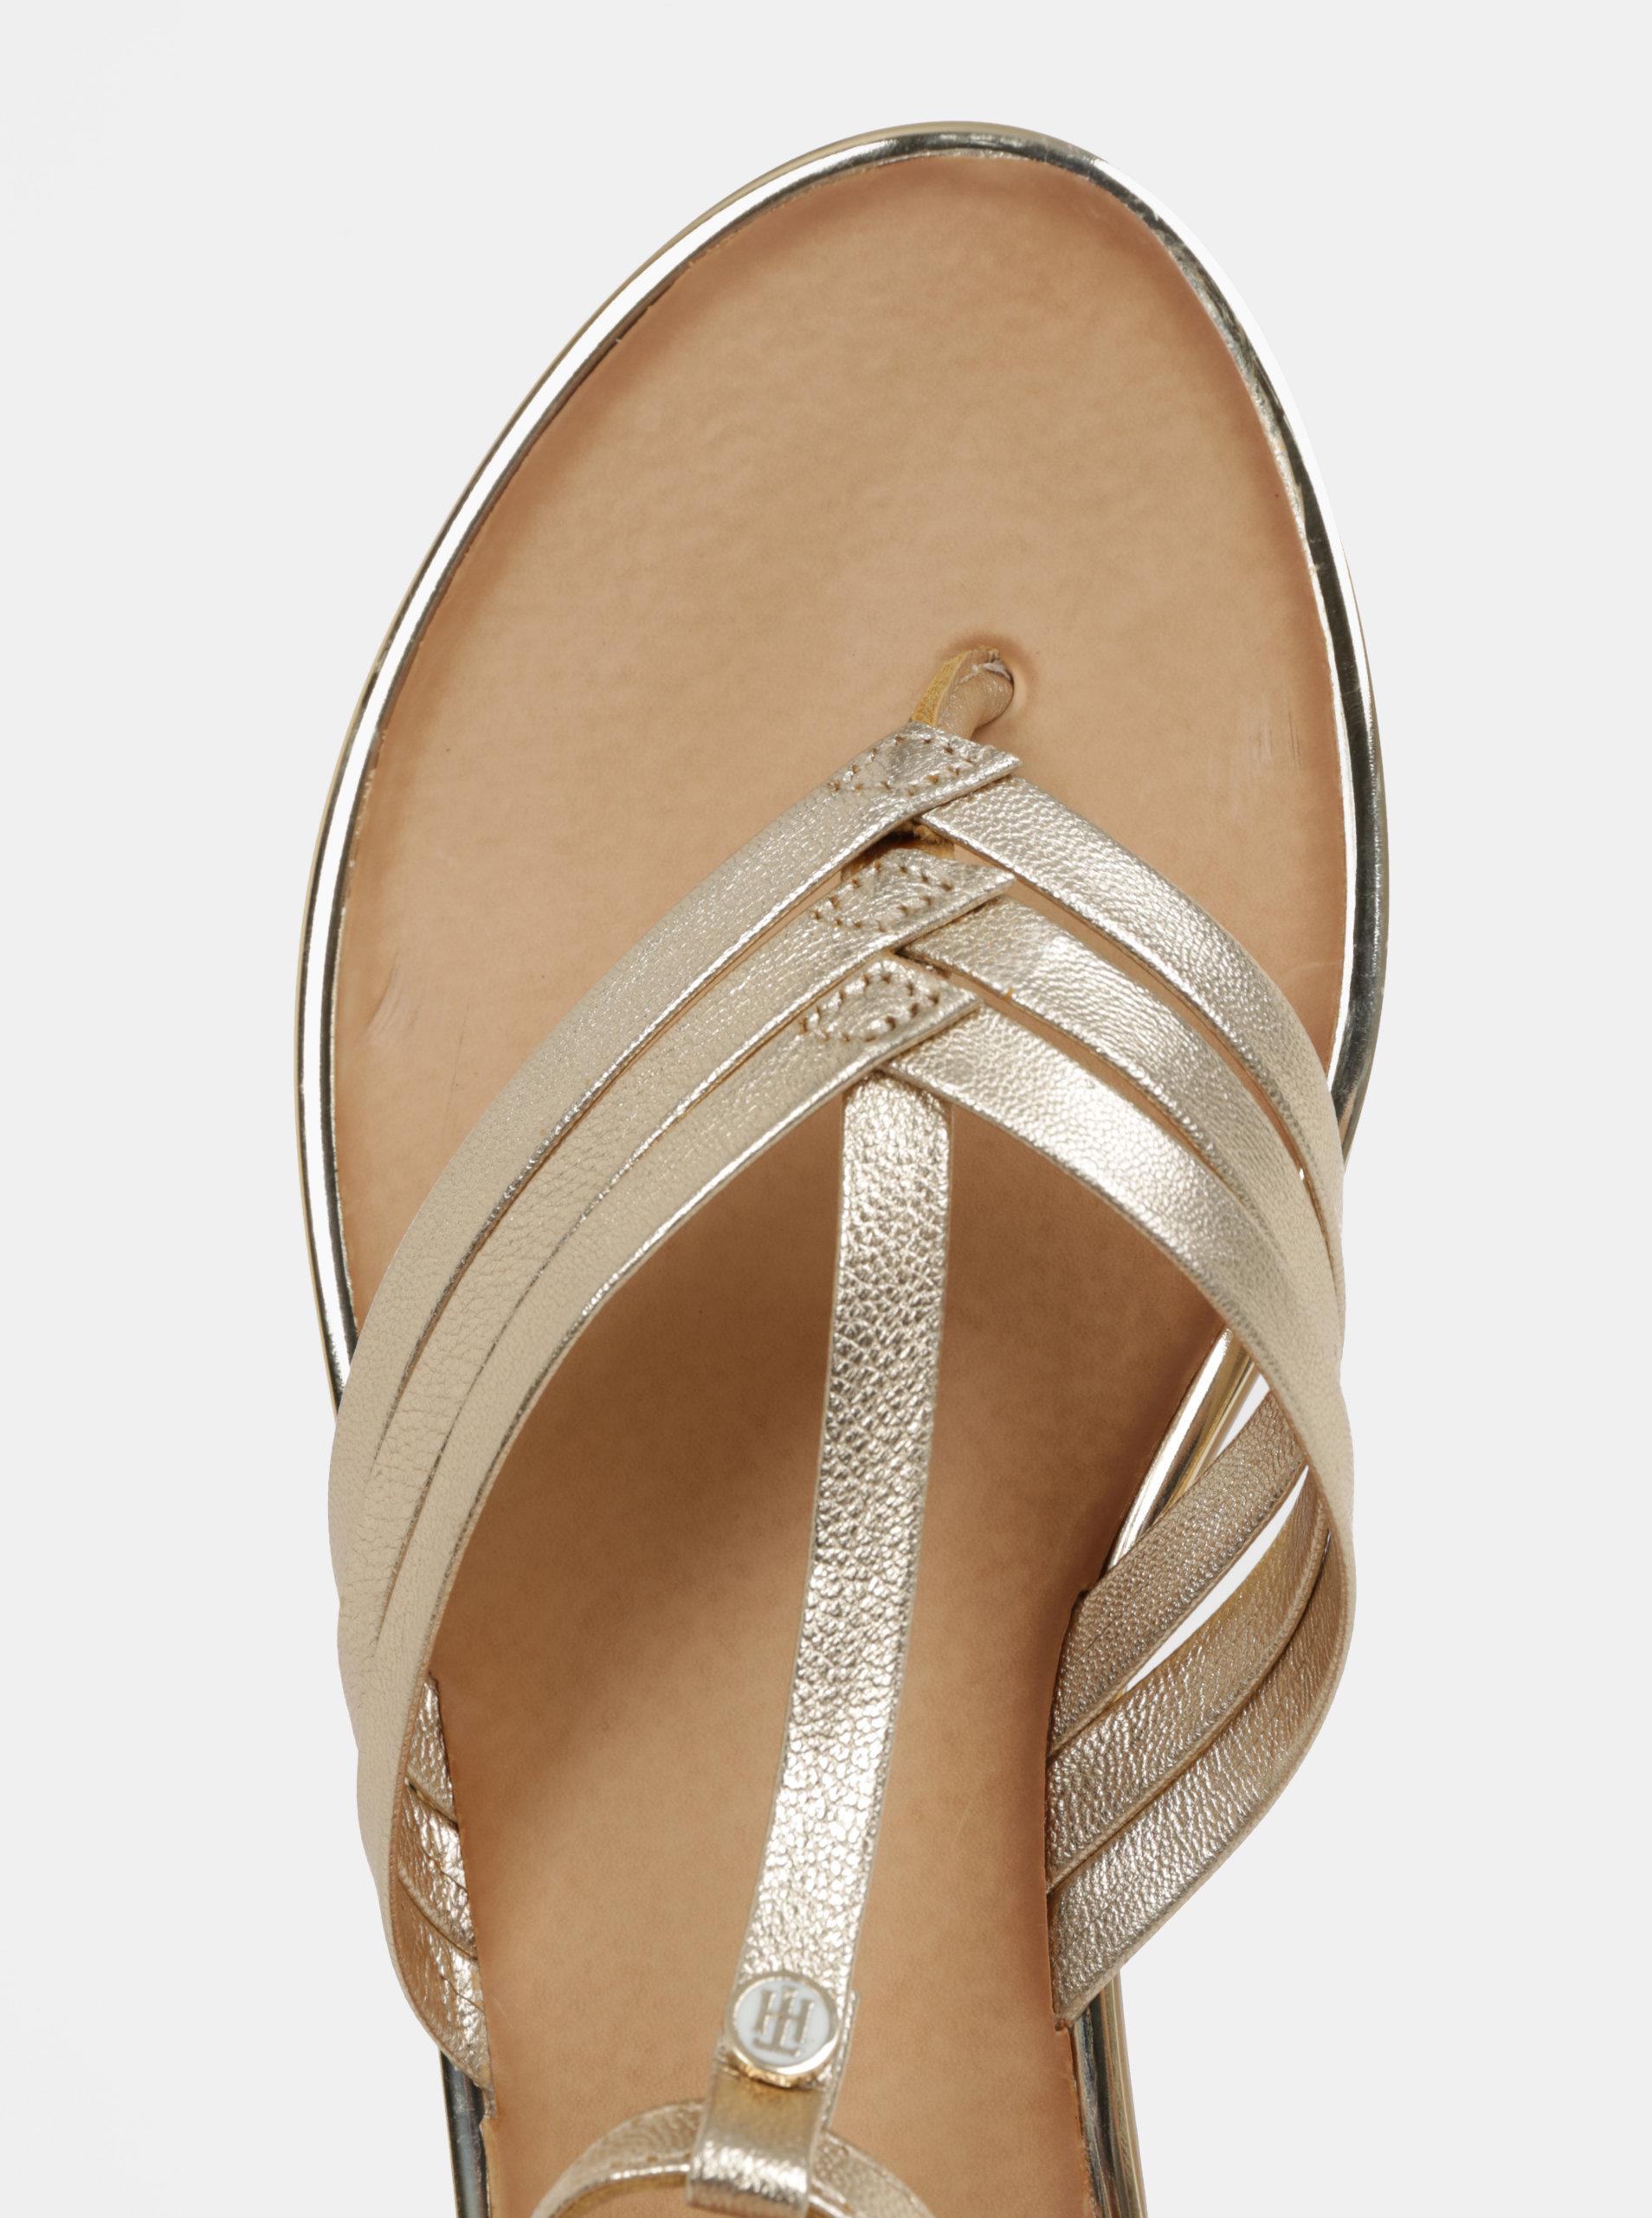 Dámské kožené sandály ve zlaté barvě Tommy Hilfiger ... 712f856daf